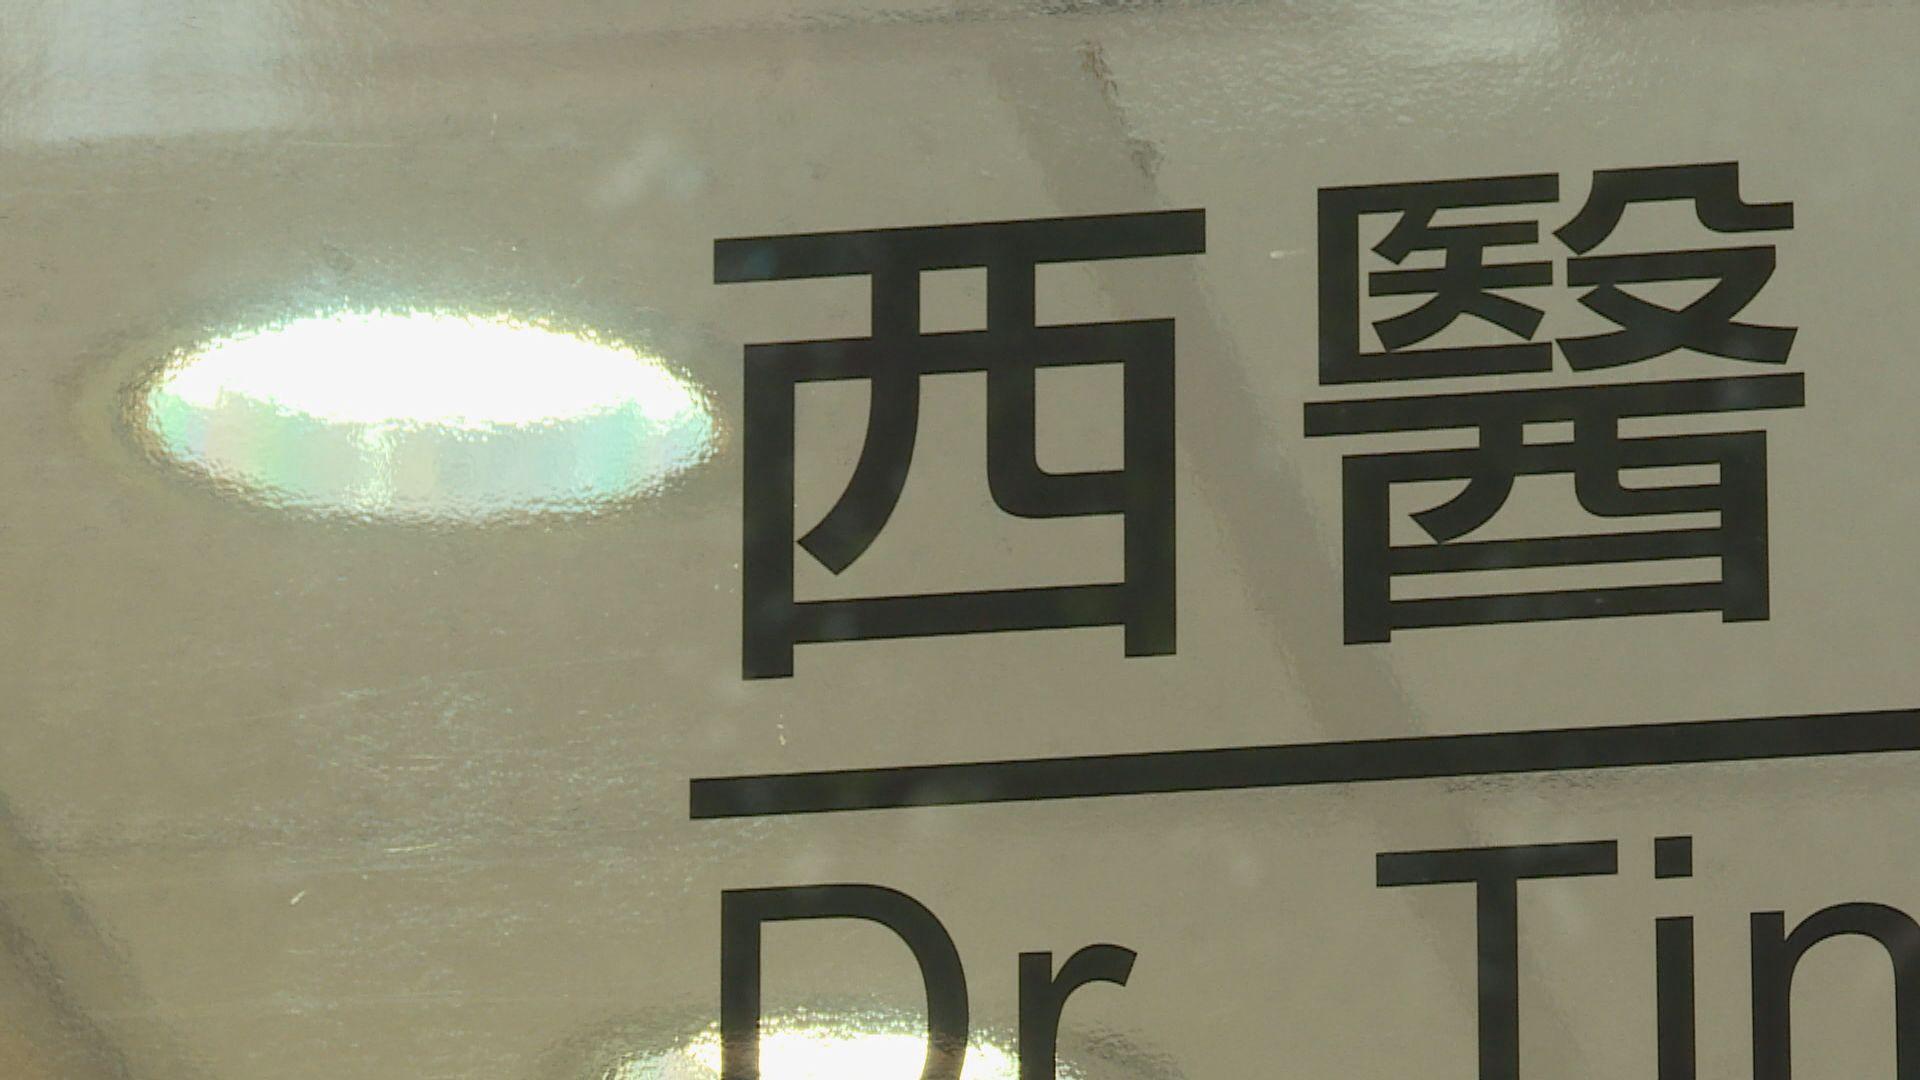 醫生強制有病徵患者接受檢測安排延長至聖誕節